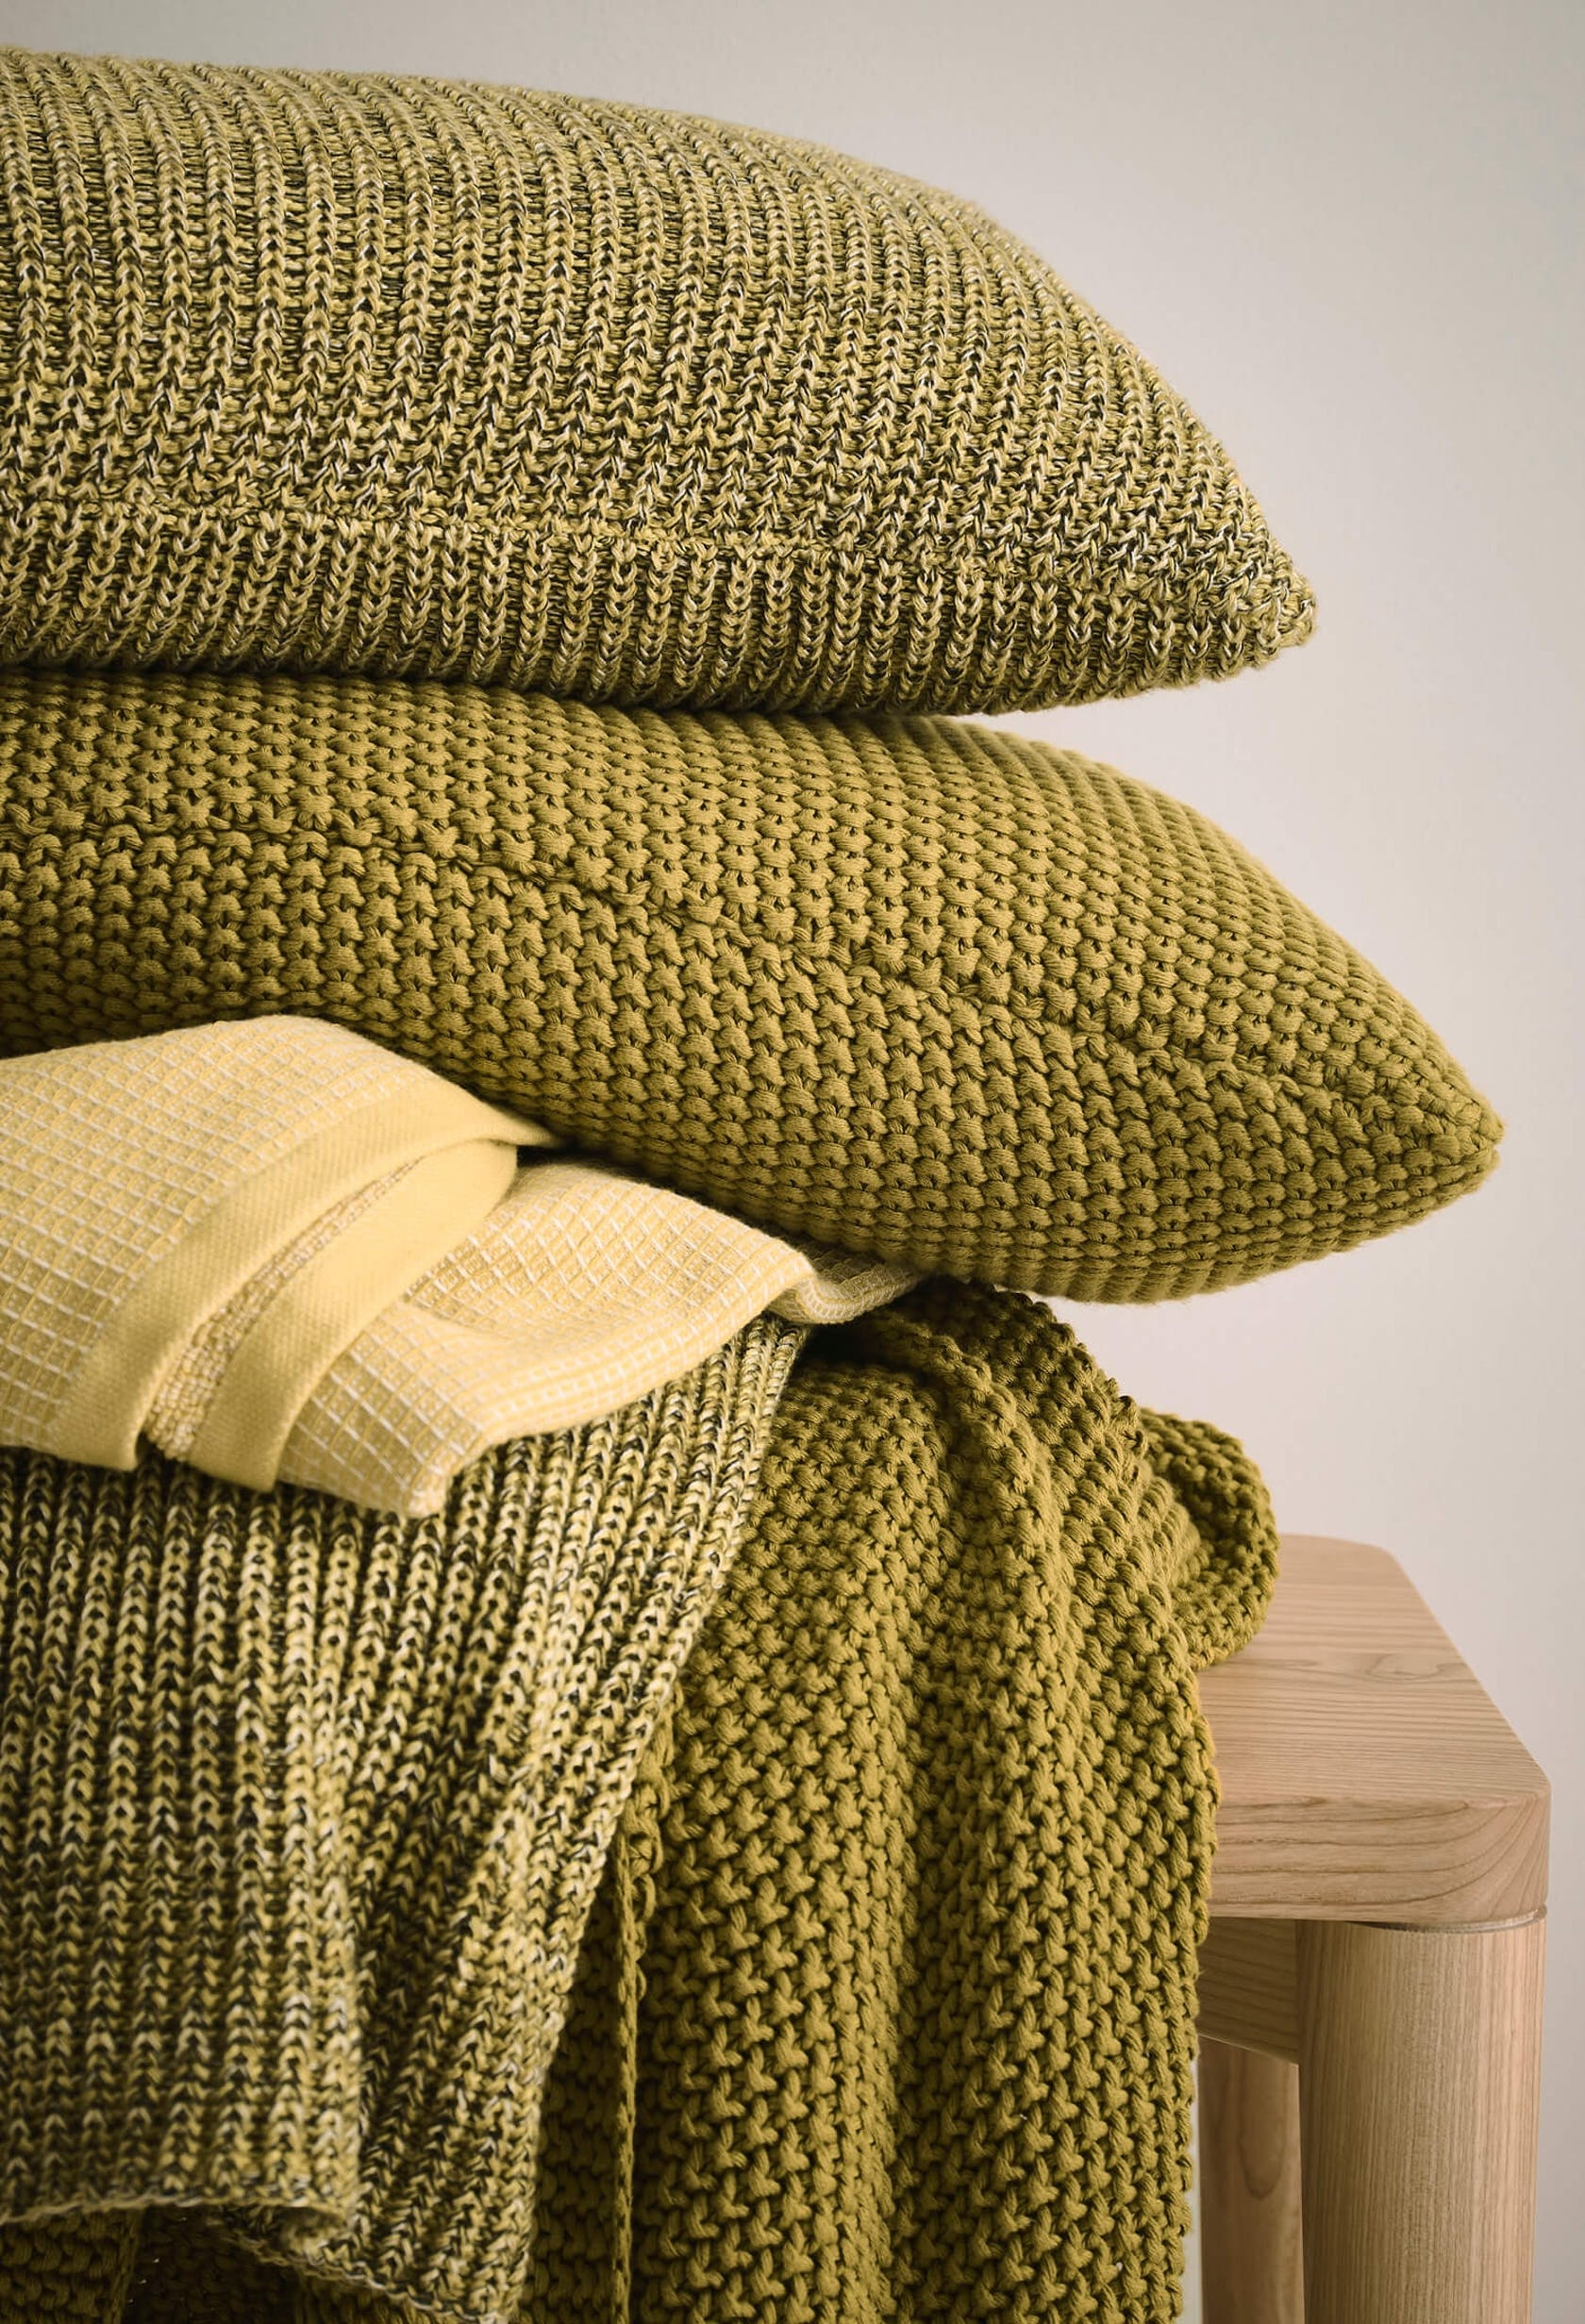 MARC O'POLO Cushions